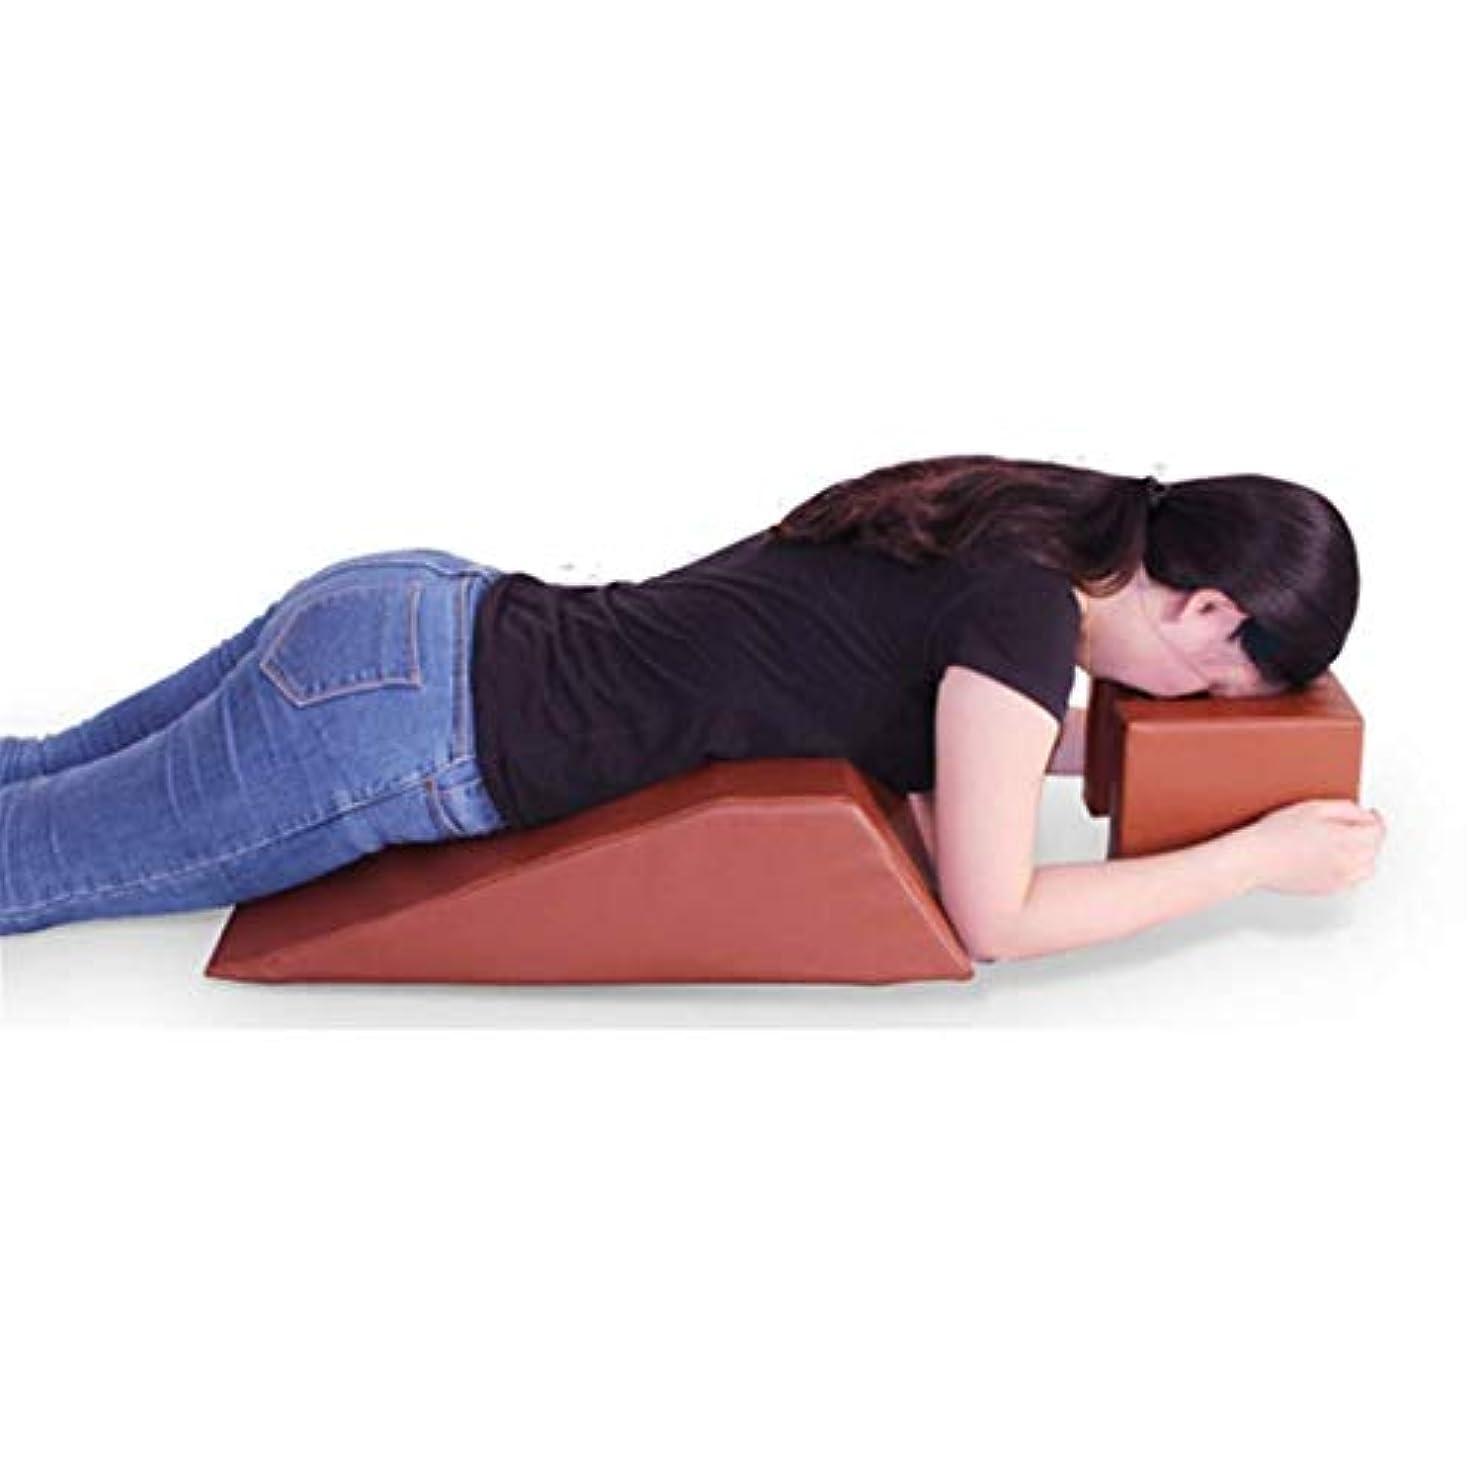 役に立つ文法男腹臥位クッション、眠りやすい腹臥位、腰痛軽減、バックセラピー